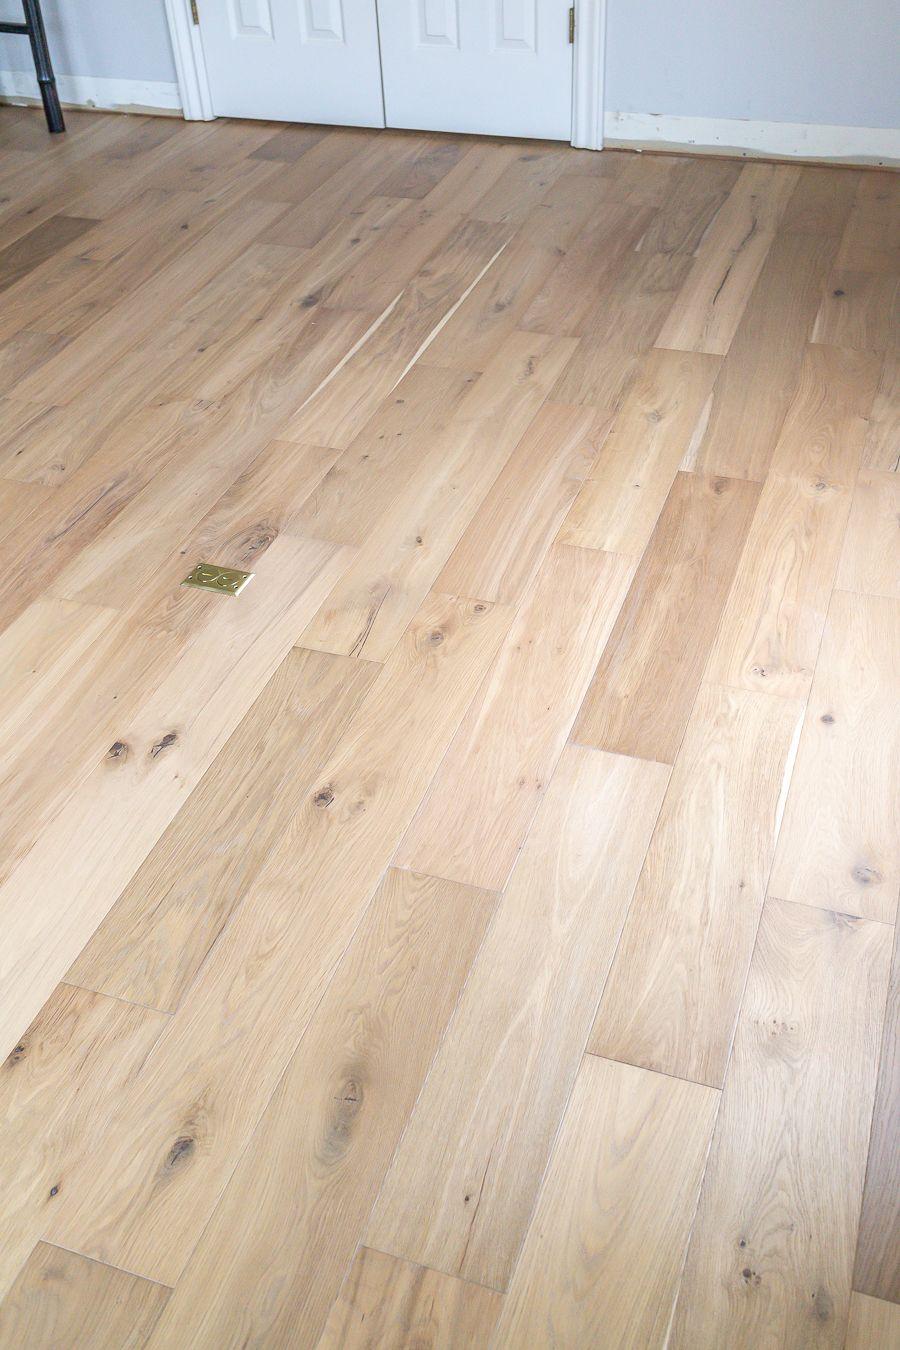 Hardwood Floors, Engineered Hardwood Laminate Flooring Installation